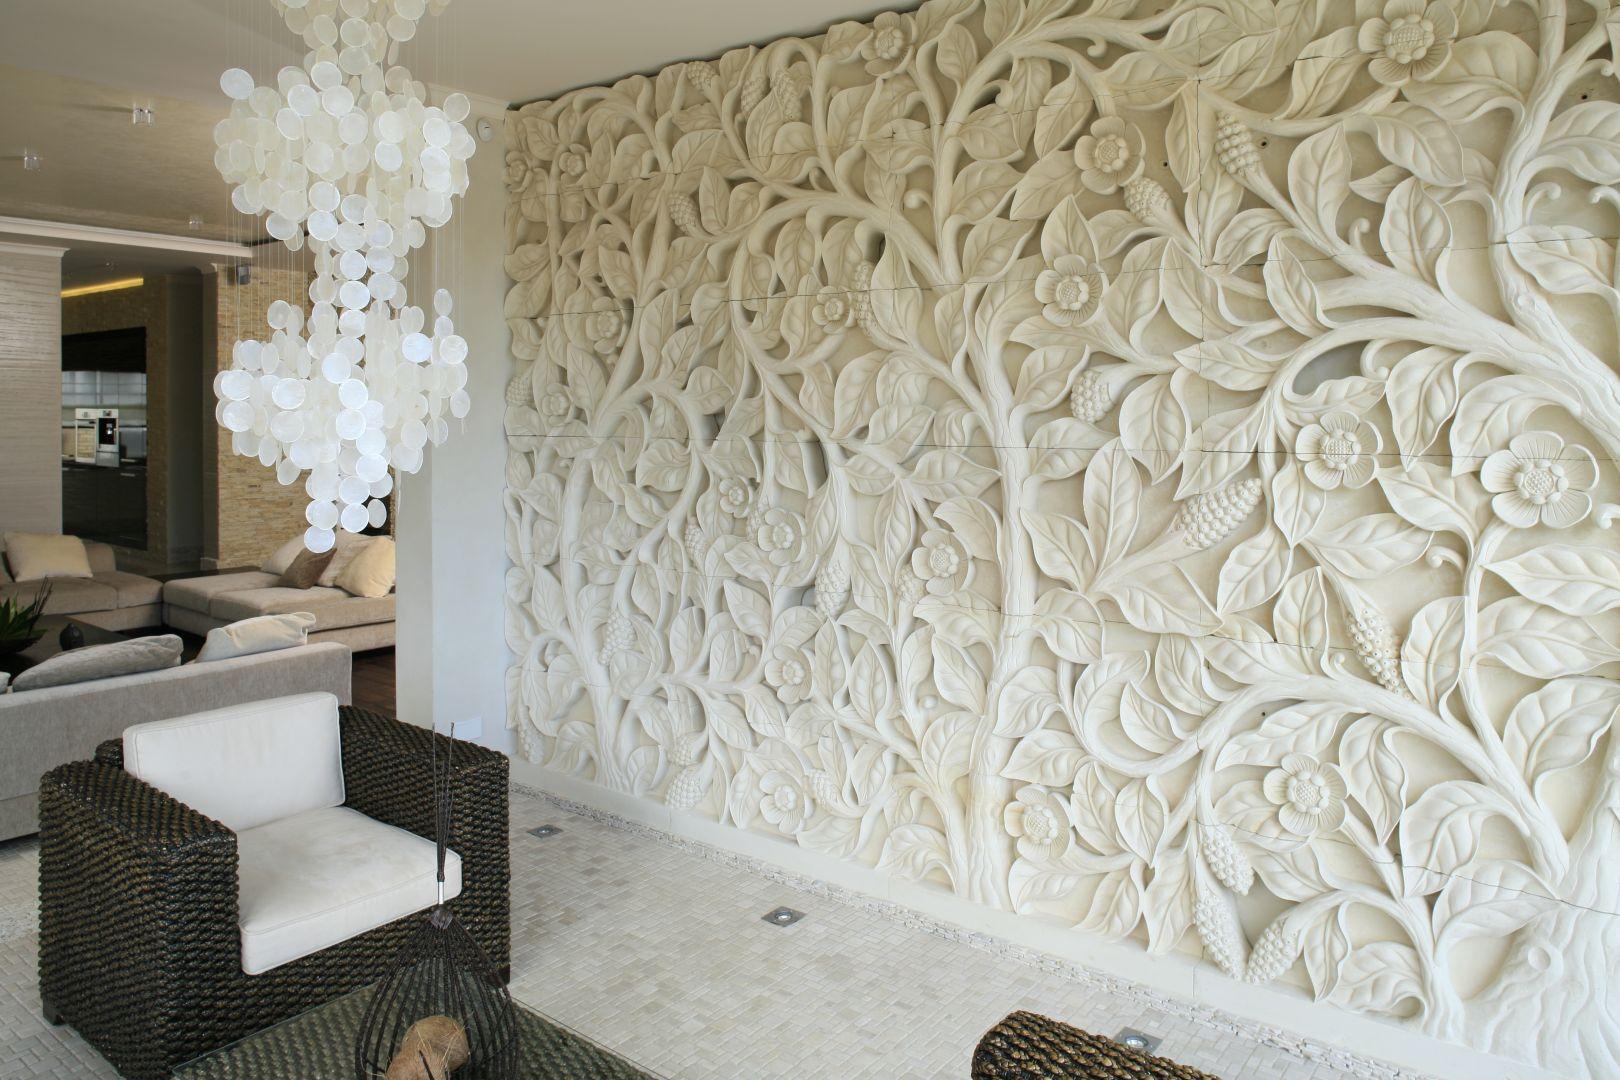 Sprowadzony z Bali ręcznie wykonany relief z piaskowca z motywem kwiatów lotosu zdobi całą ścianę. Grubość reliefu to ok. 20 cm, co daje niesamowite efekty, kiedy go podświetlimy. Projekt: Karolina Łuczyńska, Fot. Bartosz Jarosz